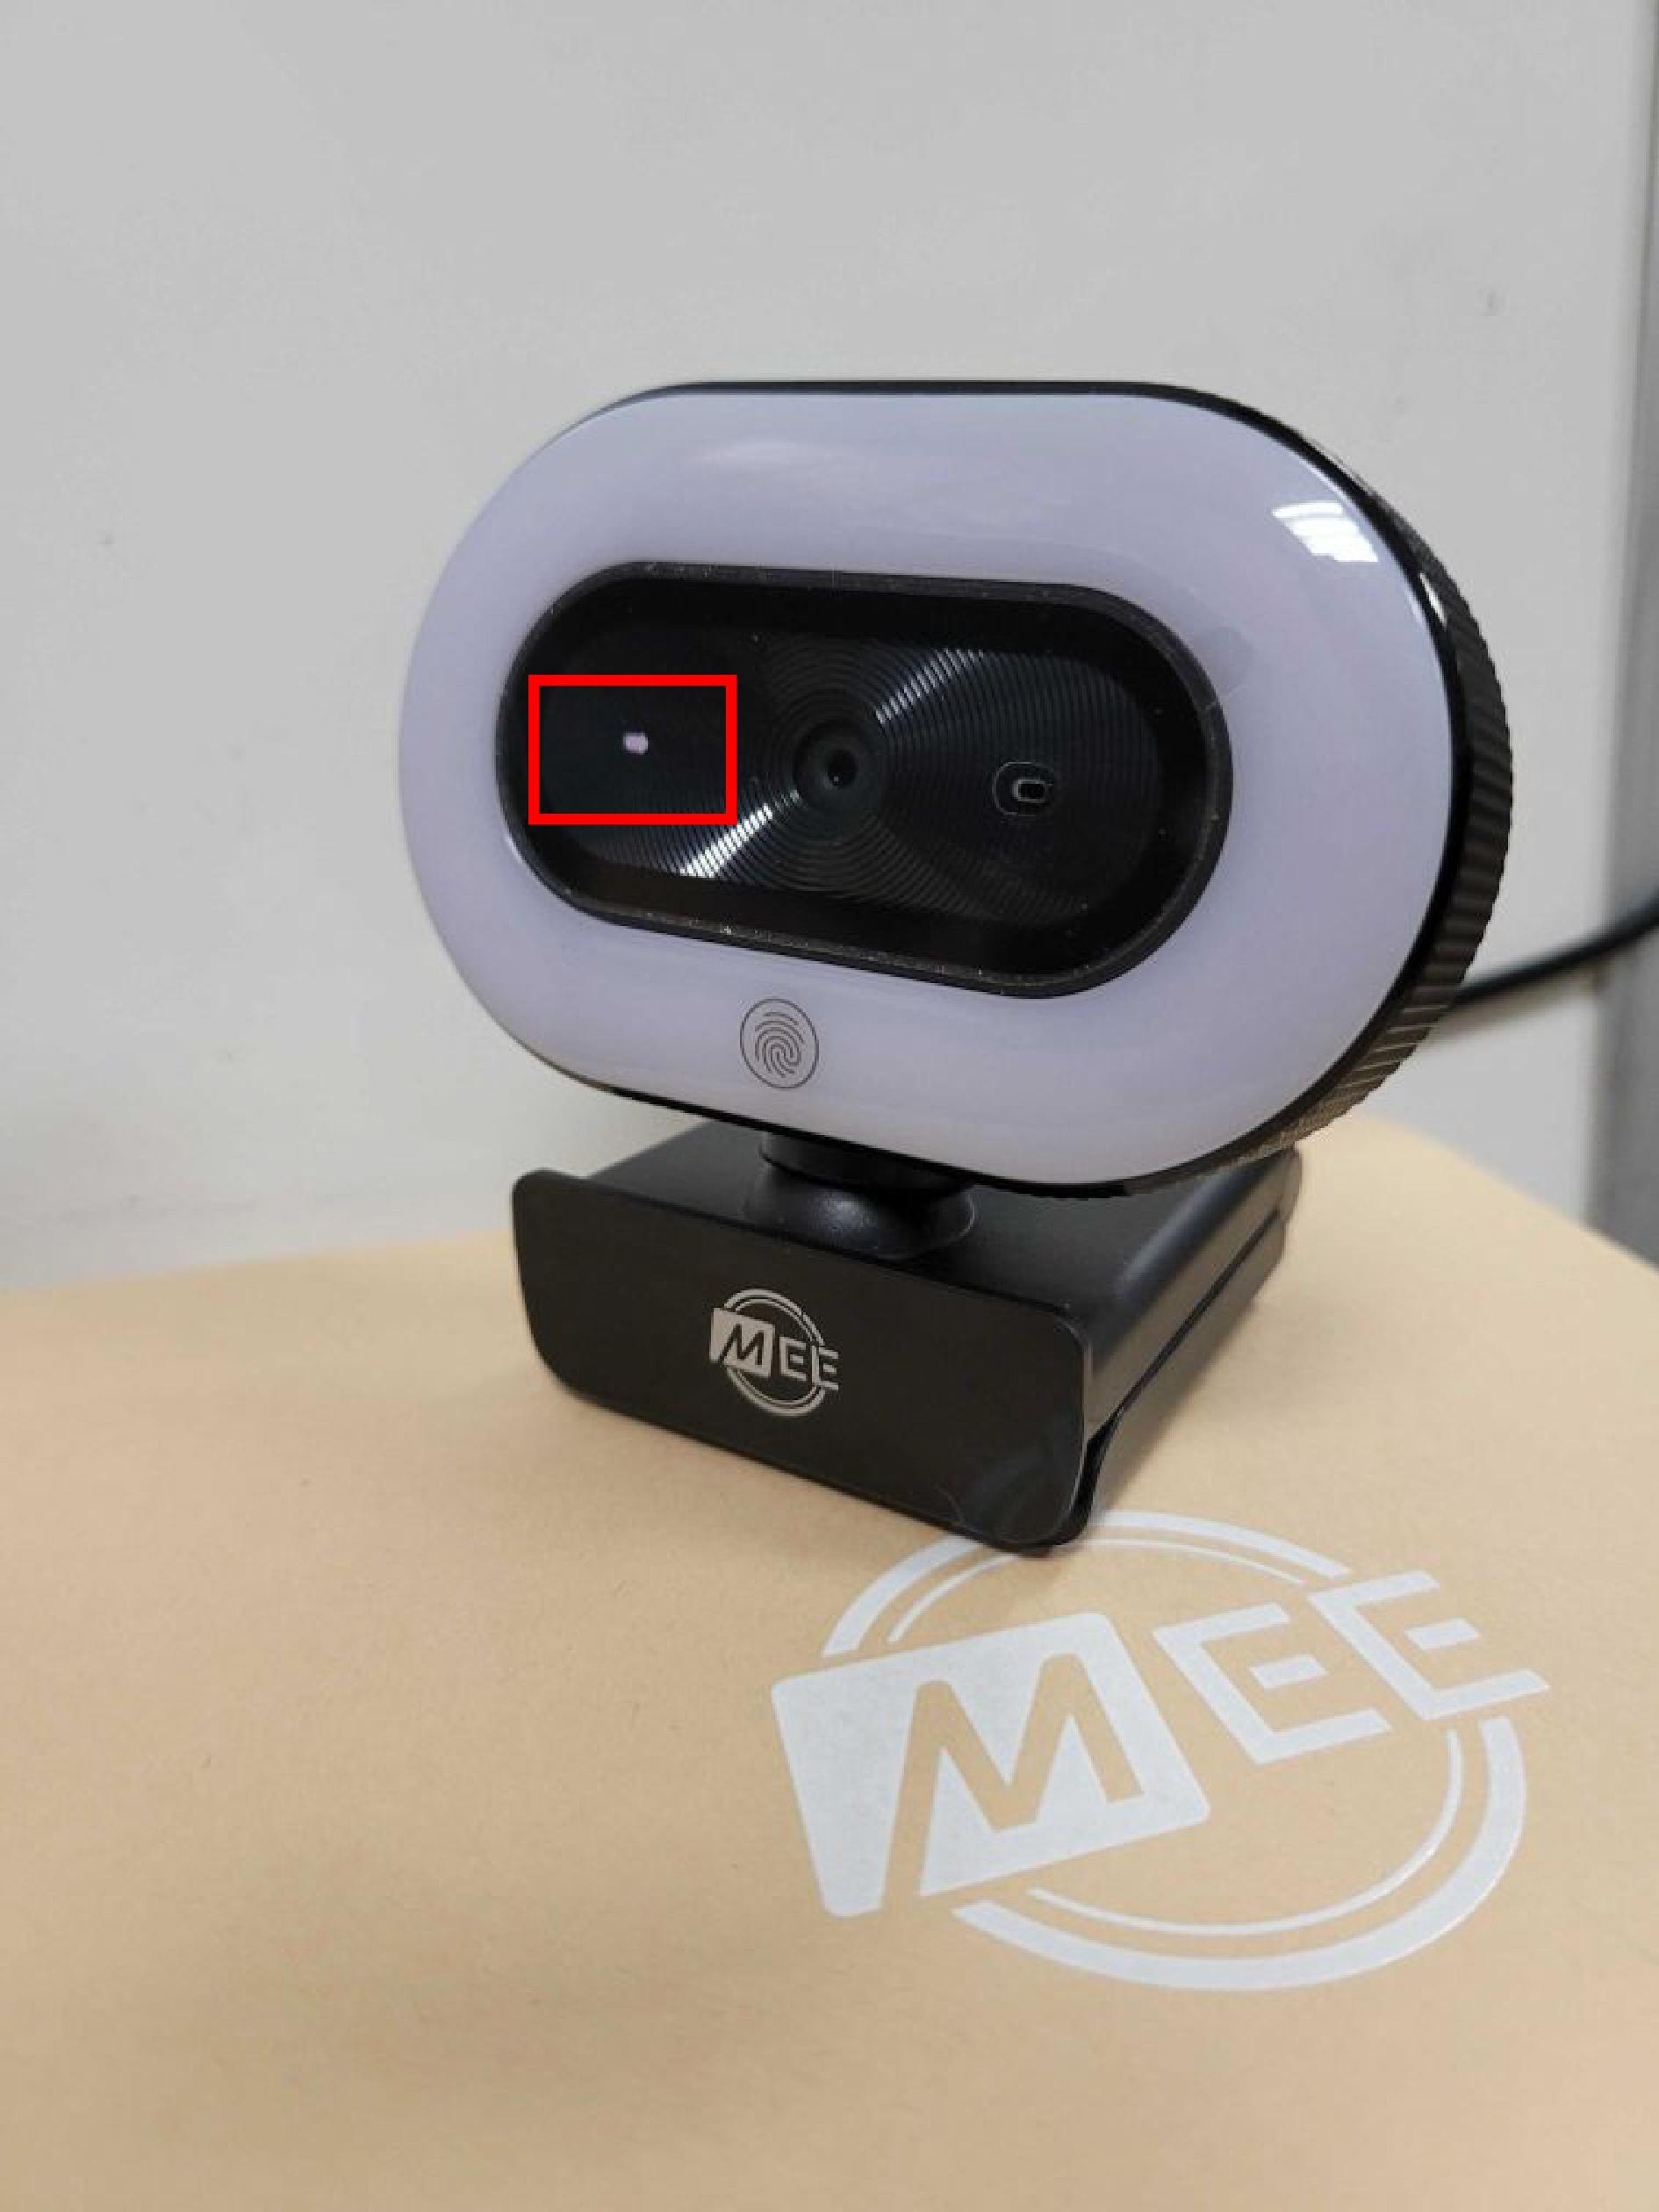 cl8a-privacy-light-01.jpg